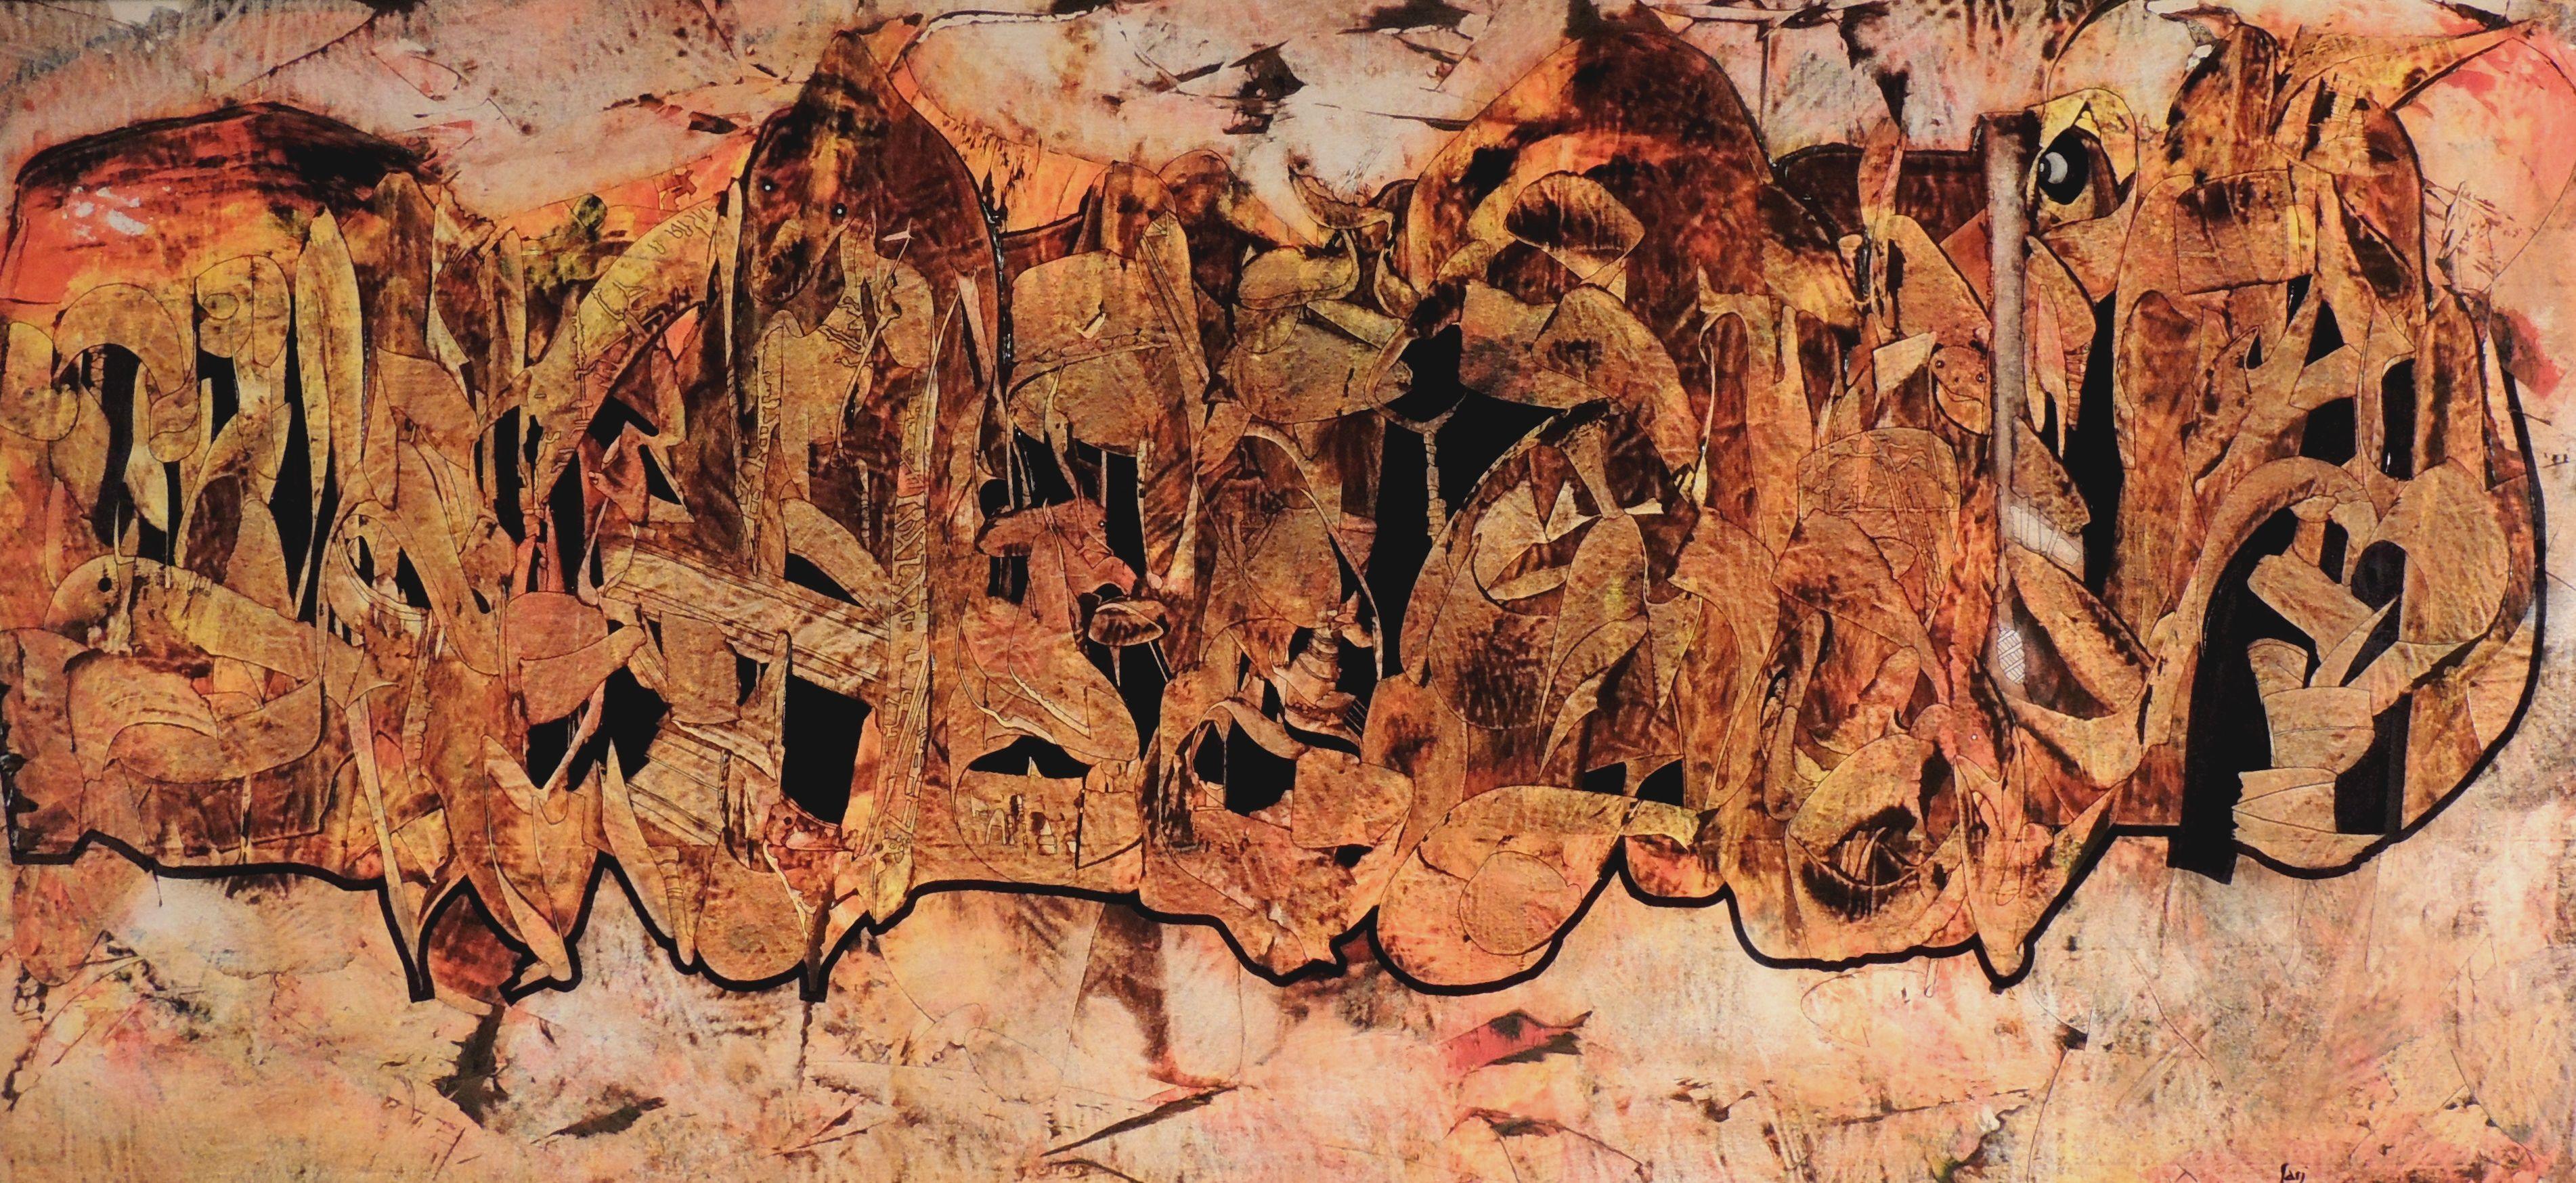 le-chant-brulant-des-cenotaphes-2-savi-peinture